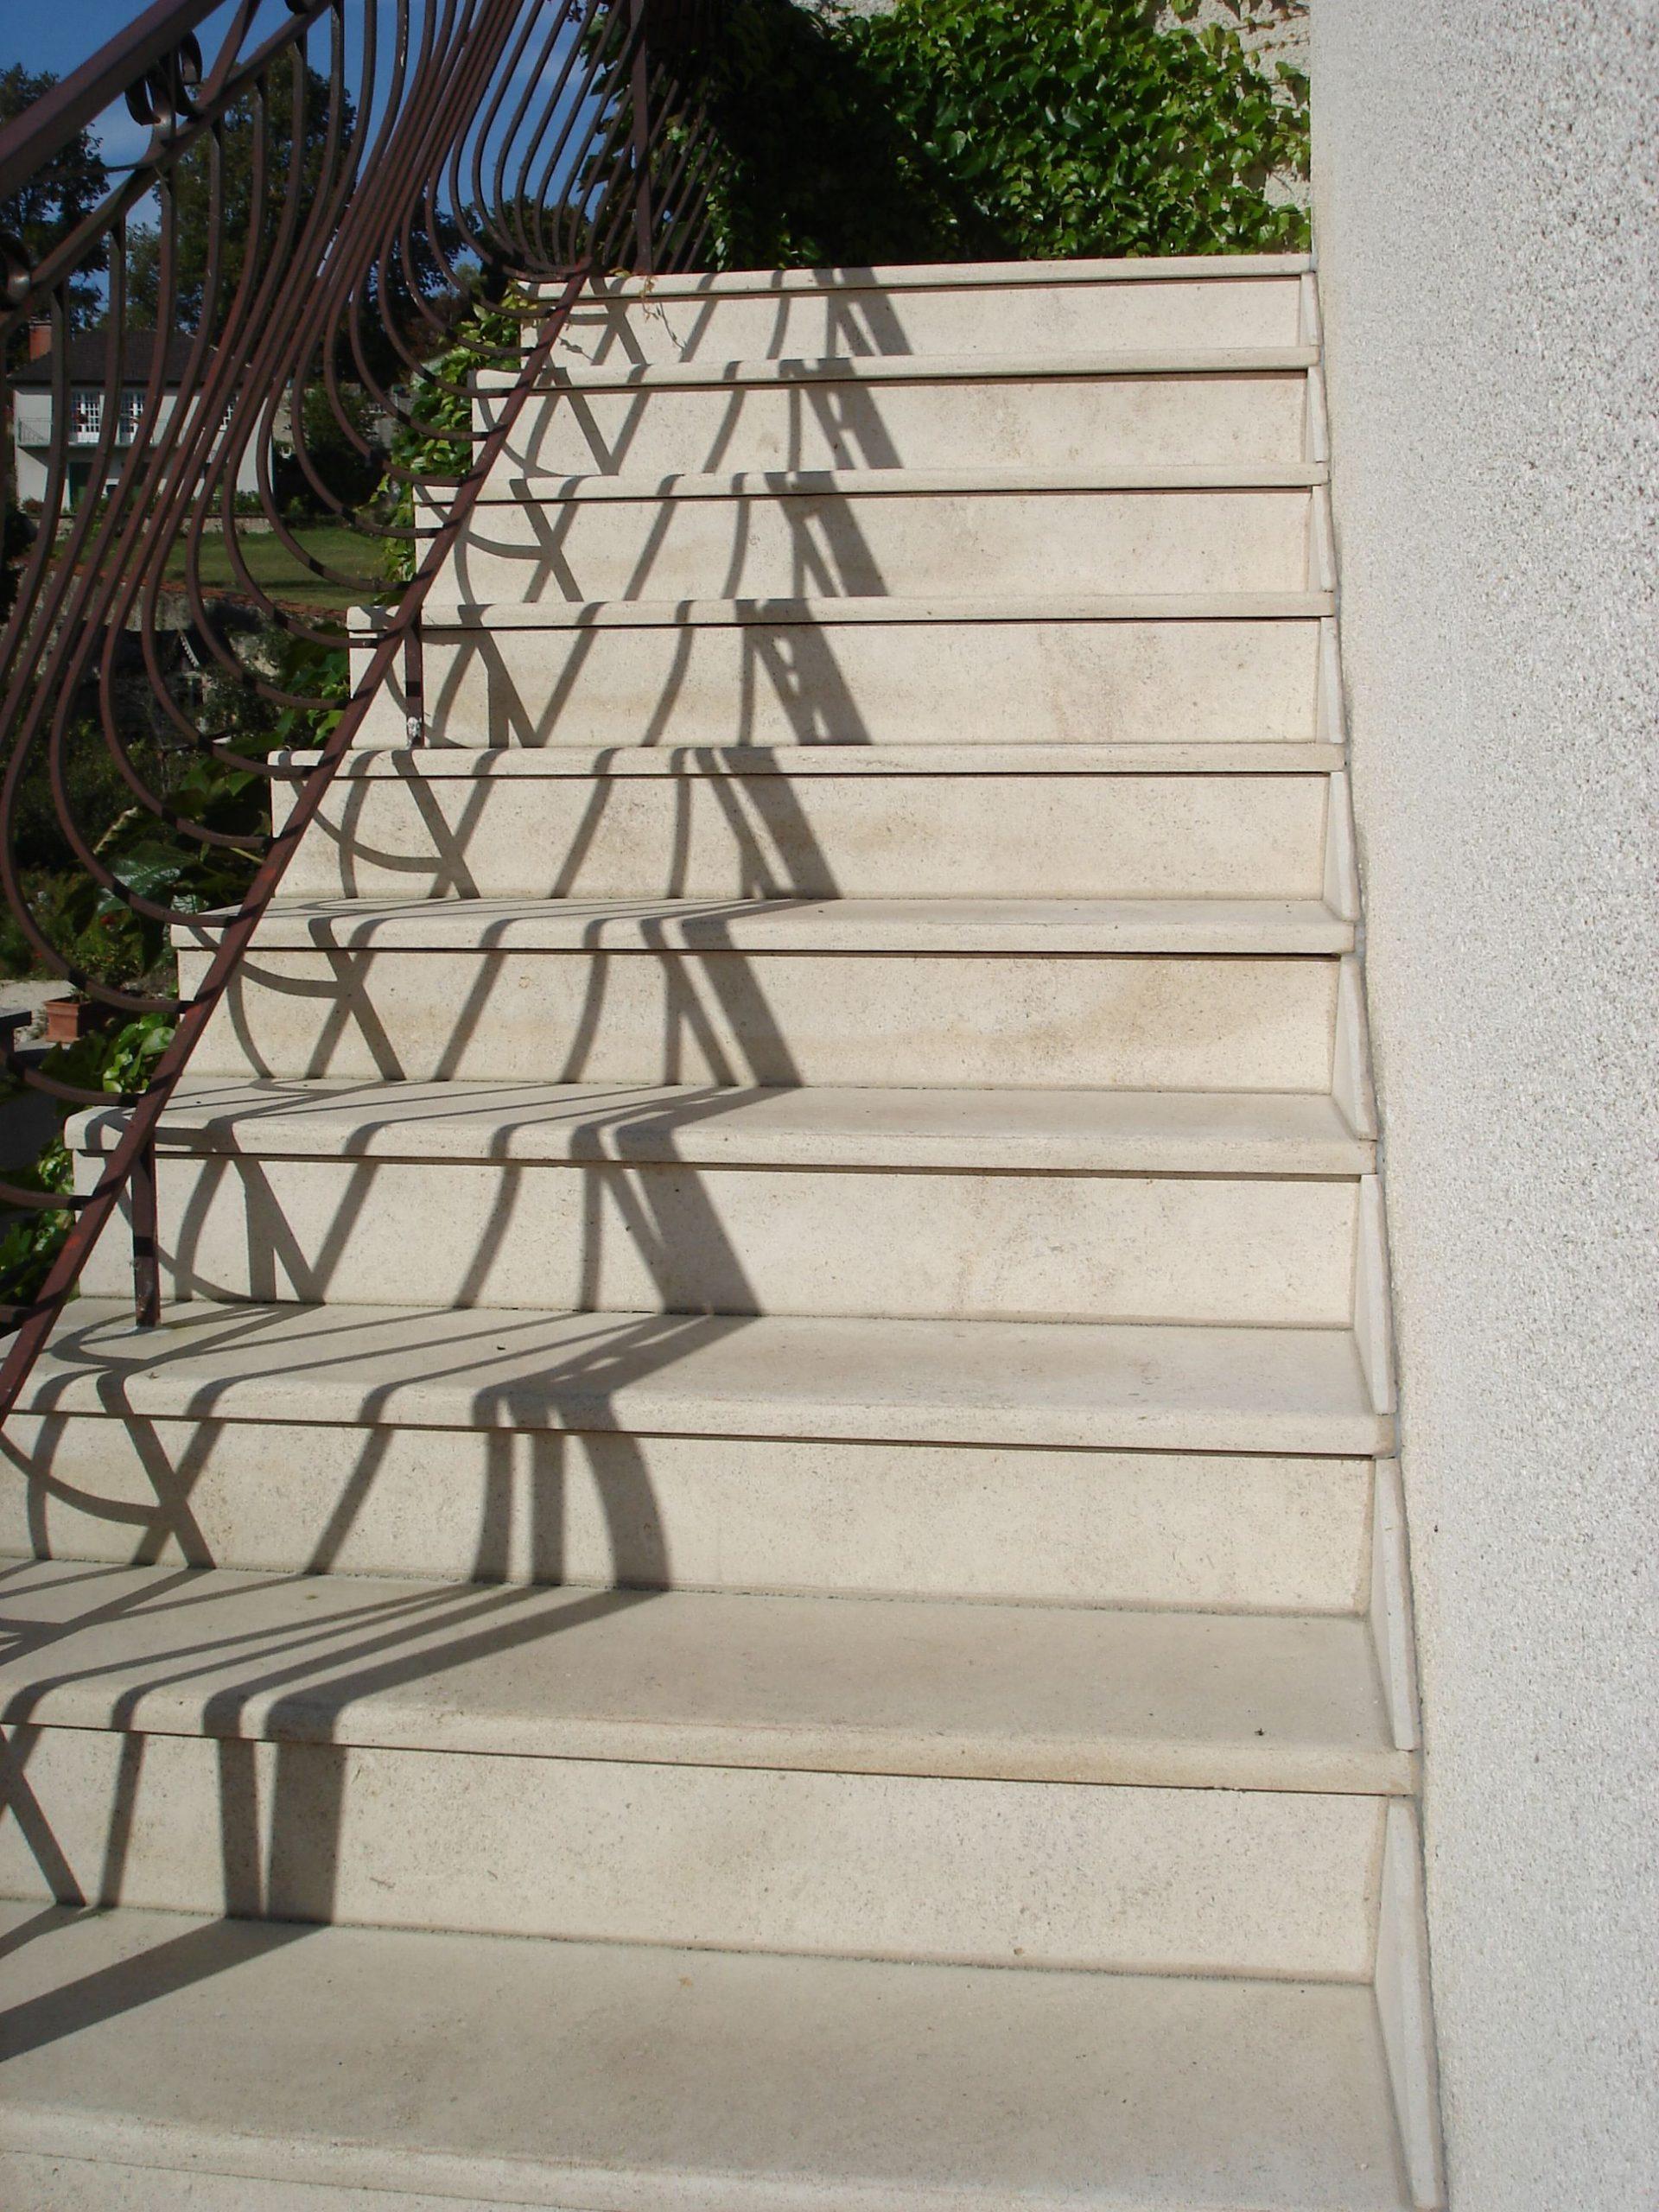 Escalier En Pierre Naturelle De Bourgogne Semond Clair ... intérieur Carrelage Escalier Extérieur